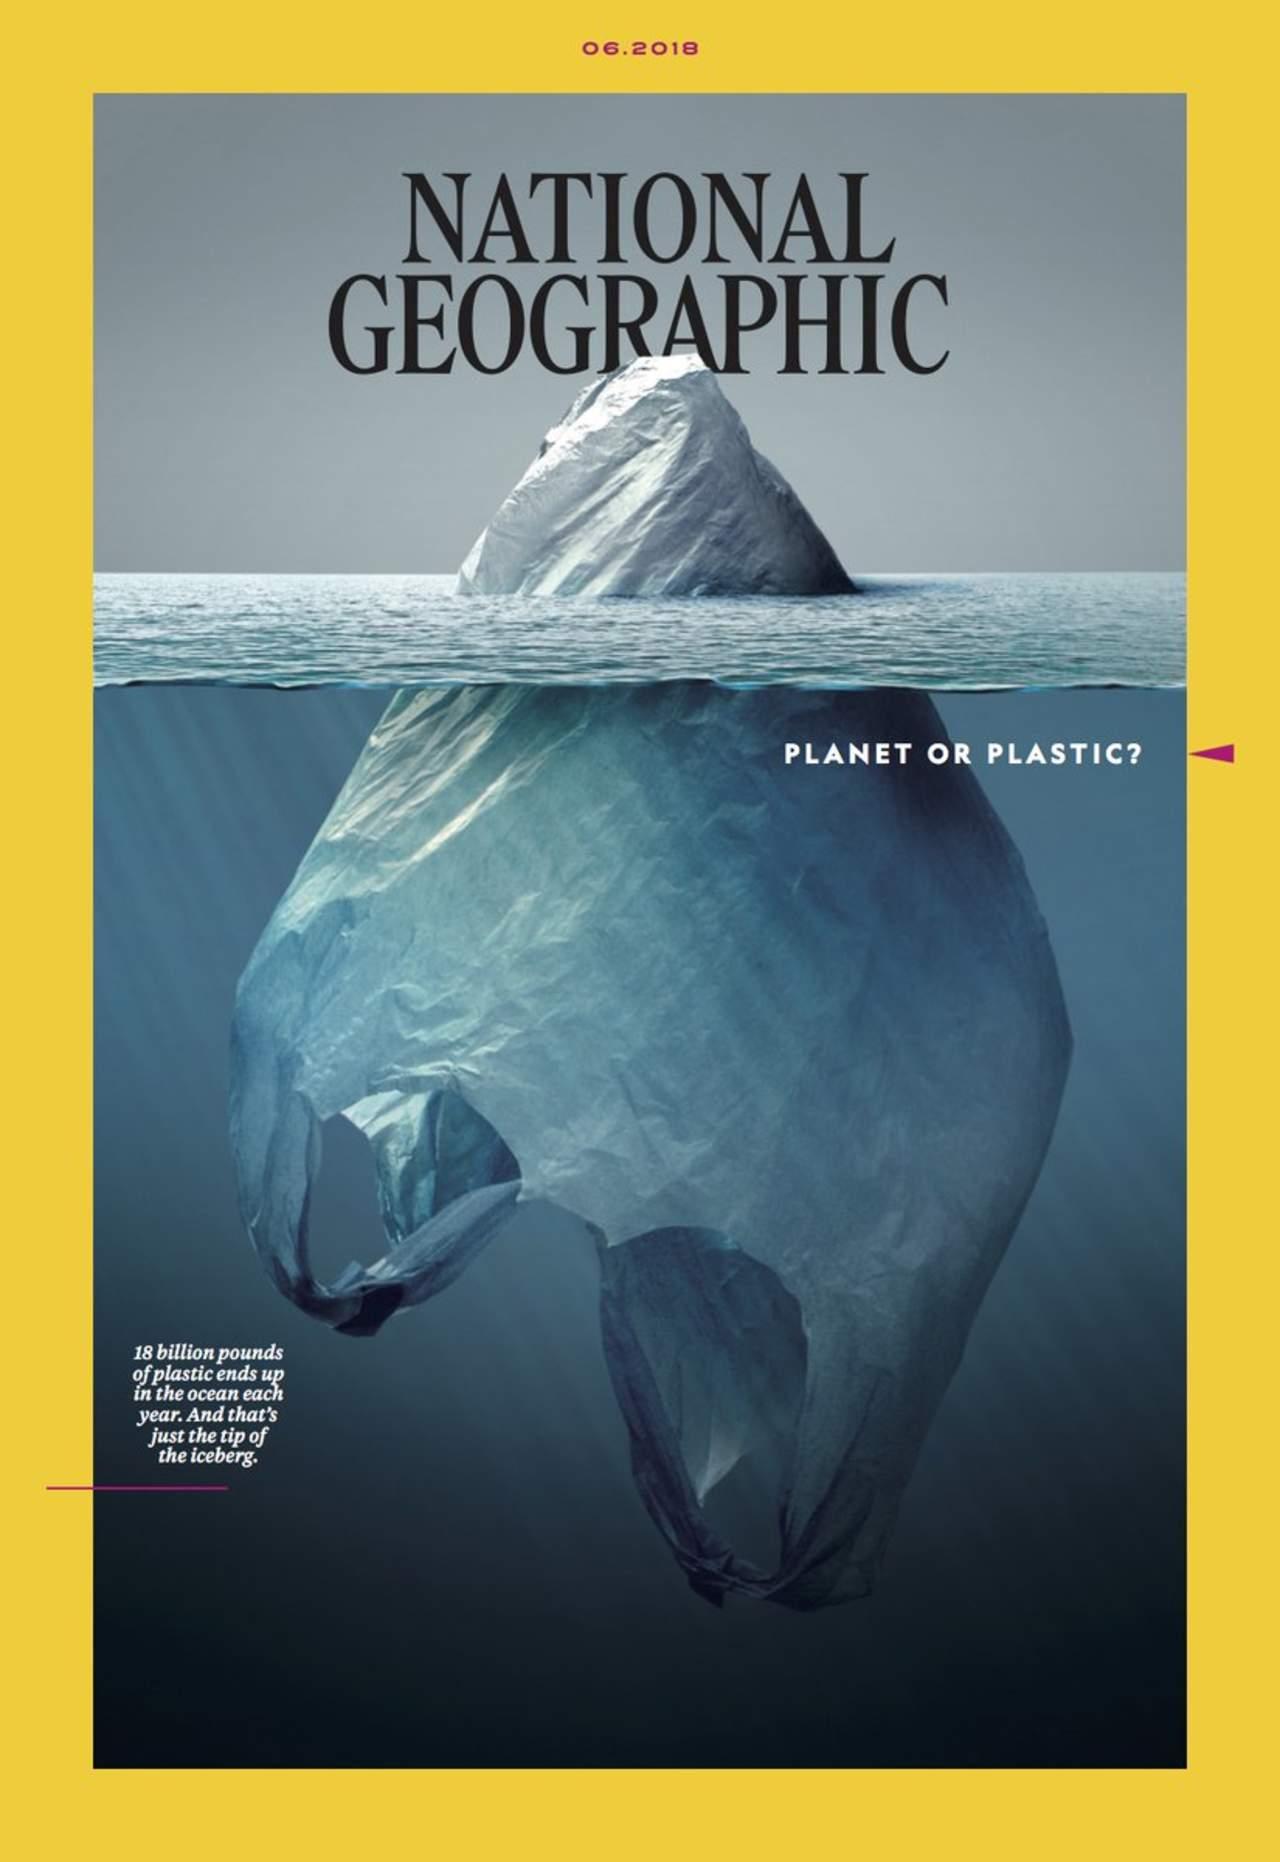 Conoce la controversial portada de Nat Geo